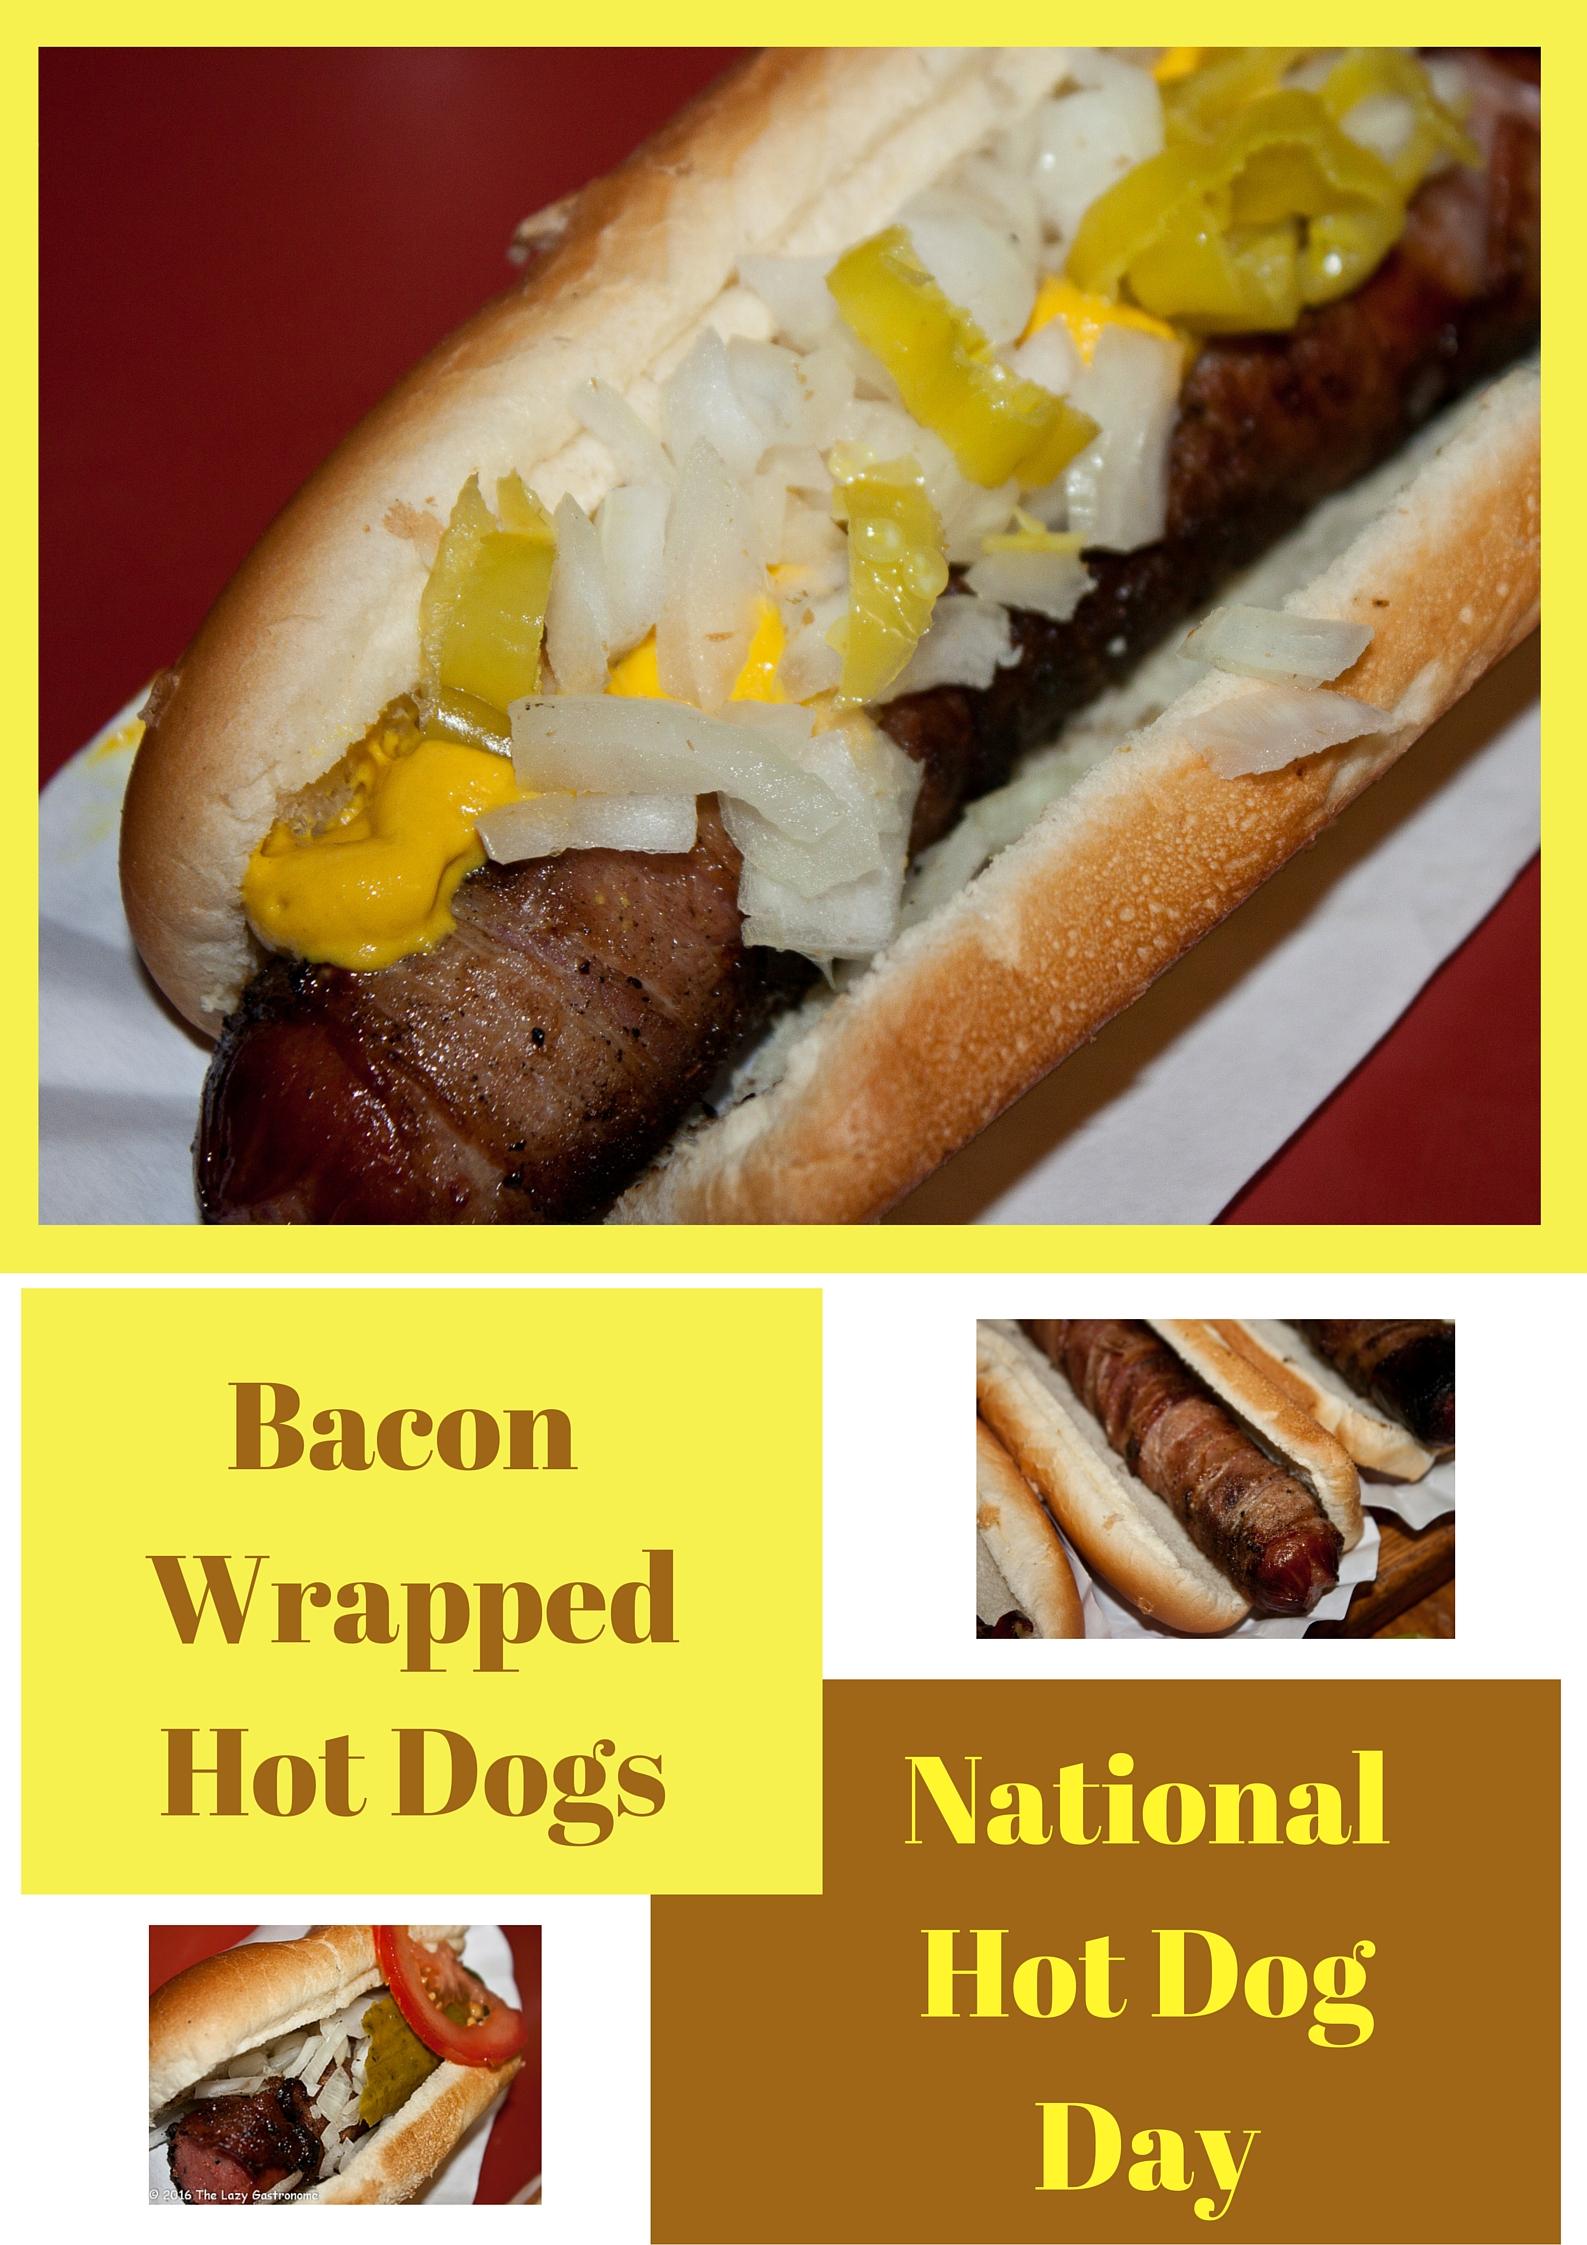 NationalHot DogDay (1)